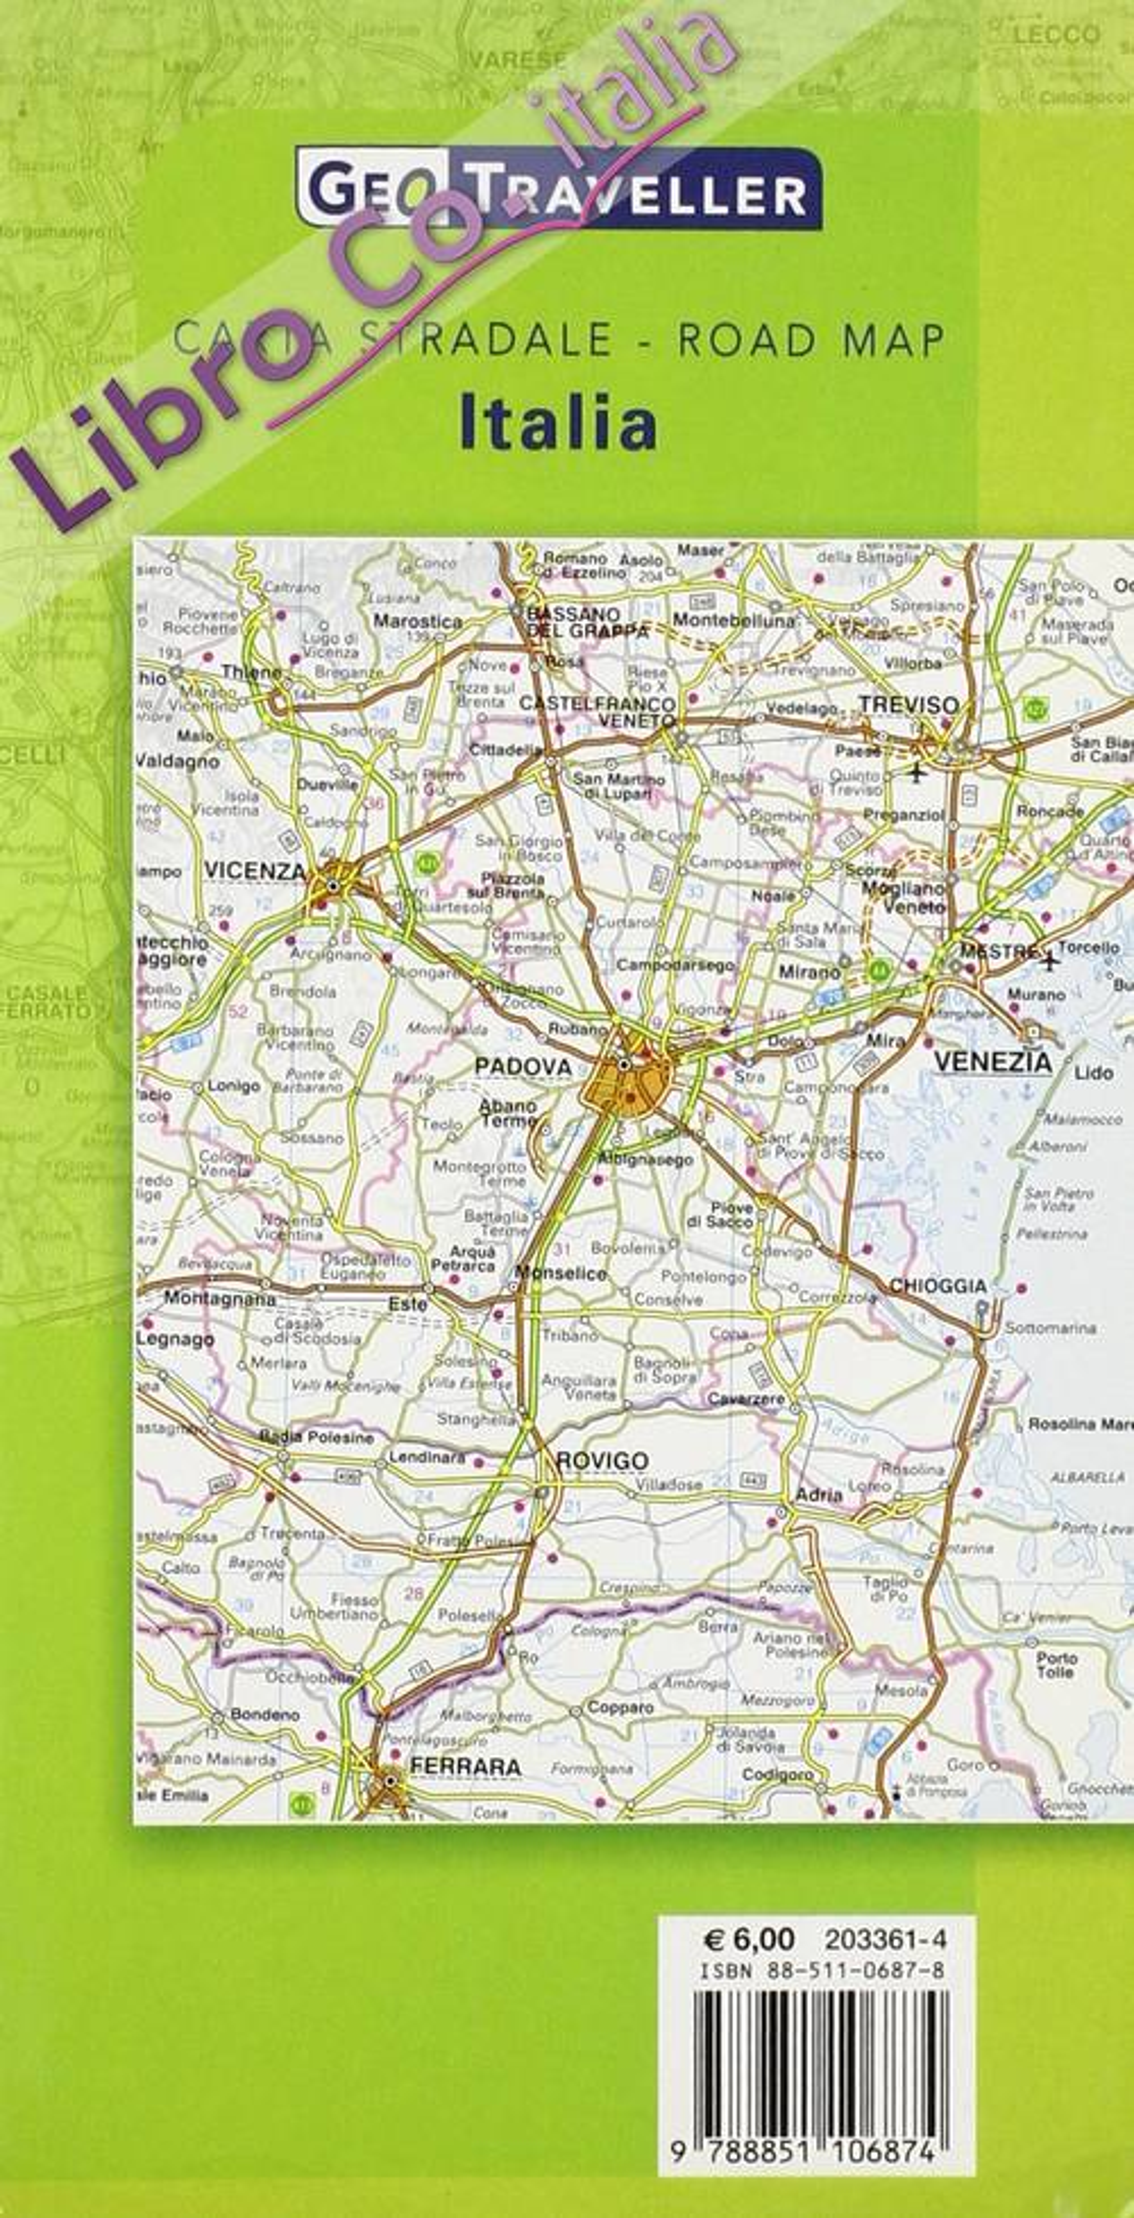 Italia Carta Stradale 1:800.000.Ed. Italiano, Inglese, Francese e Tedesco]